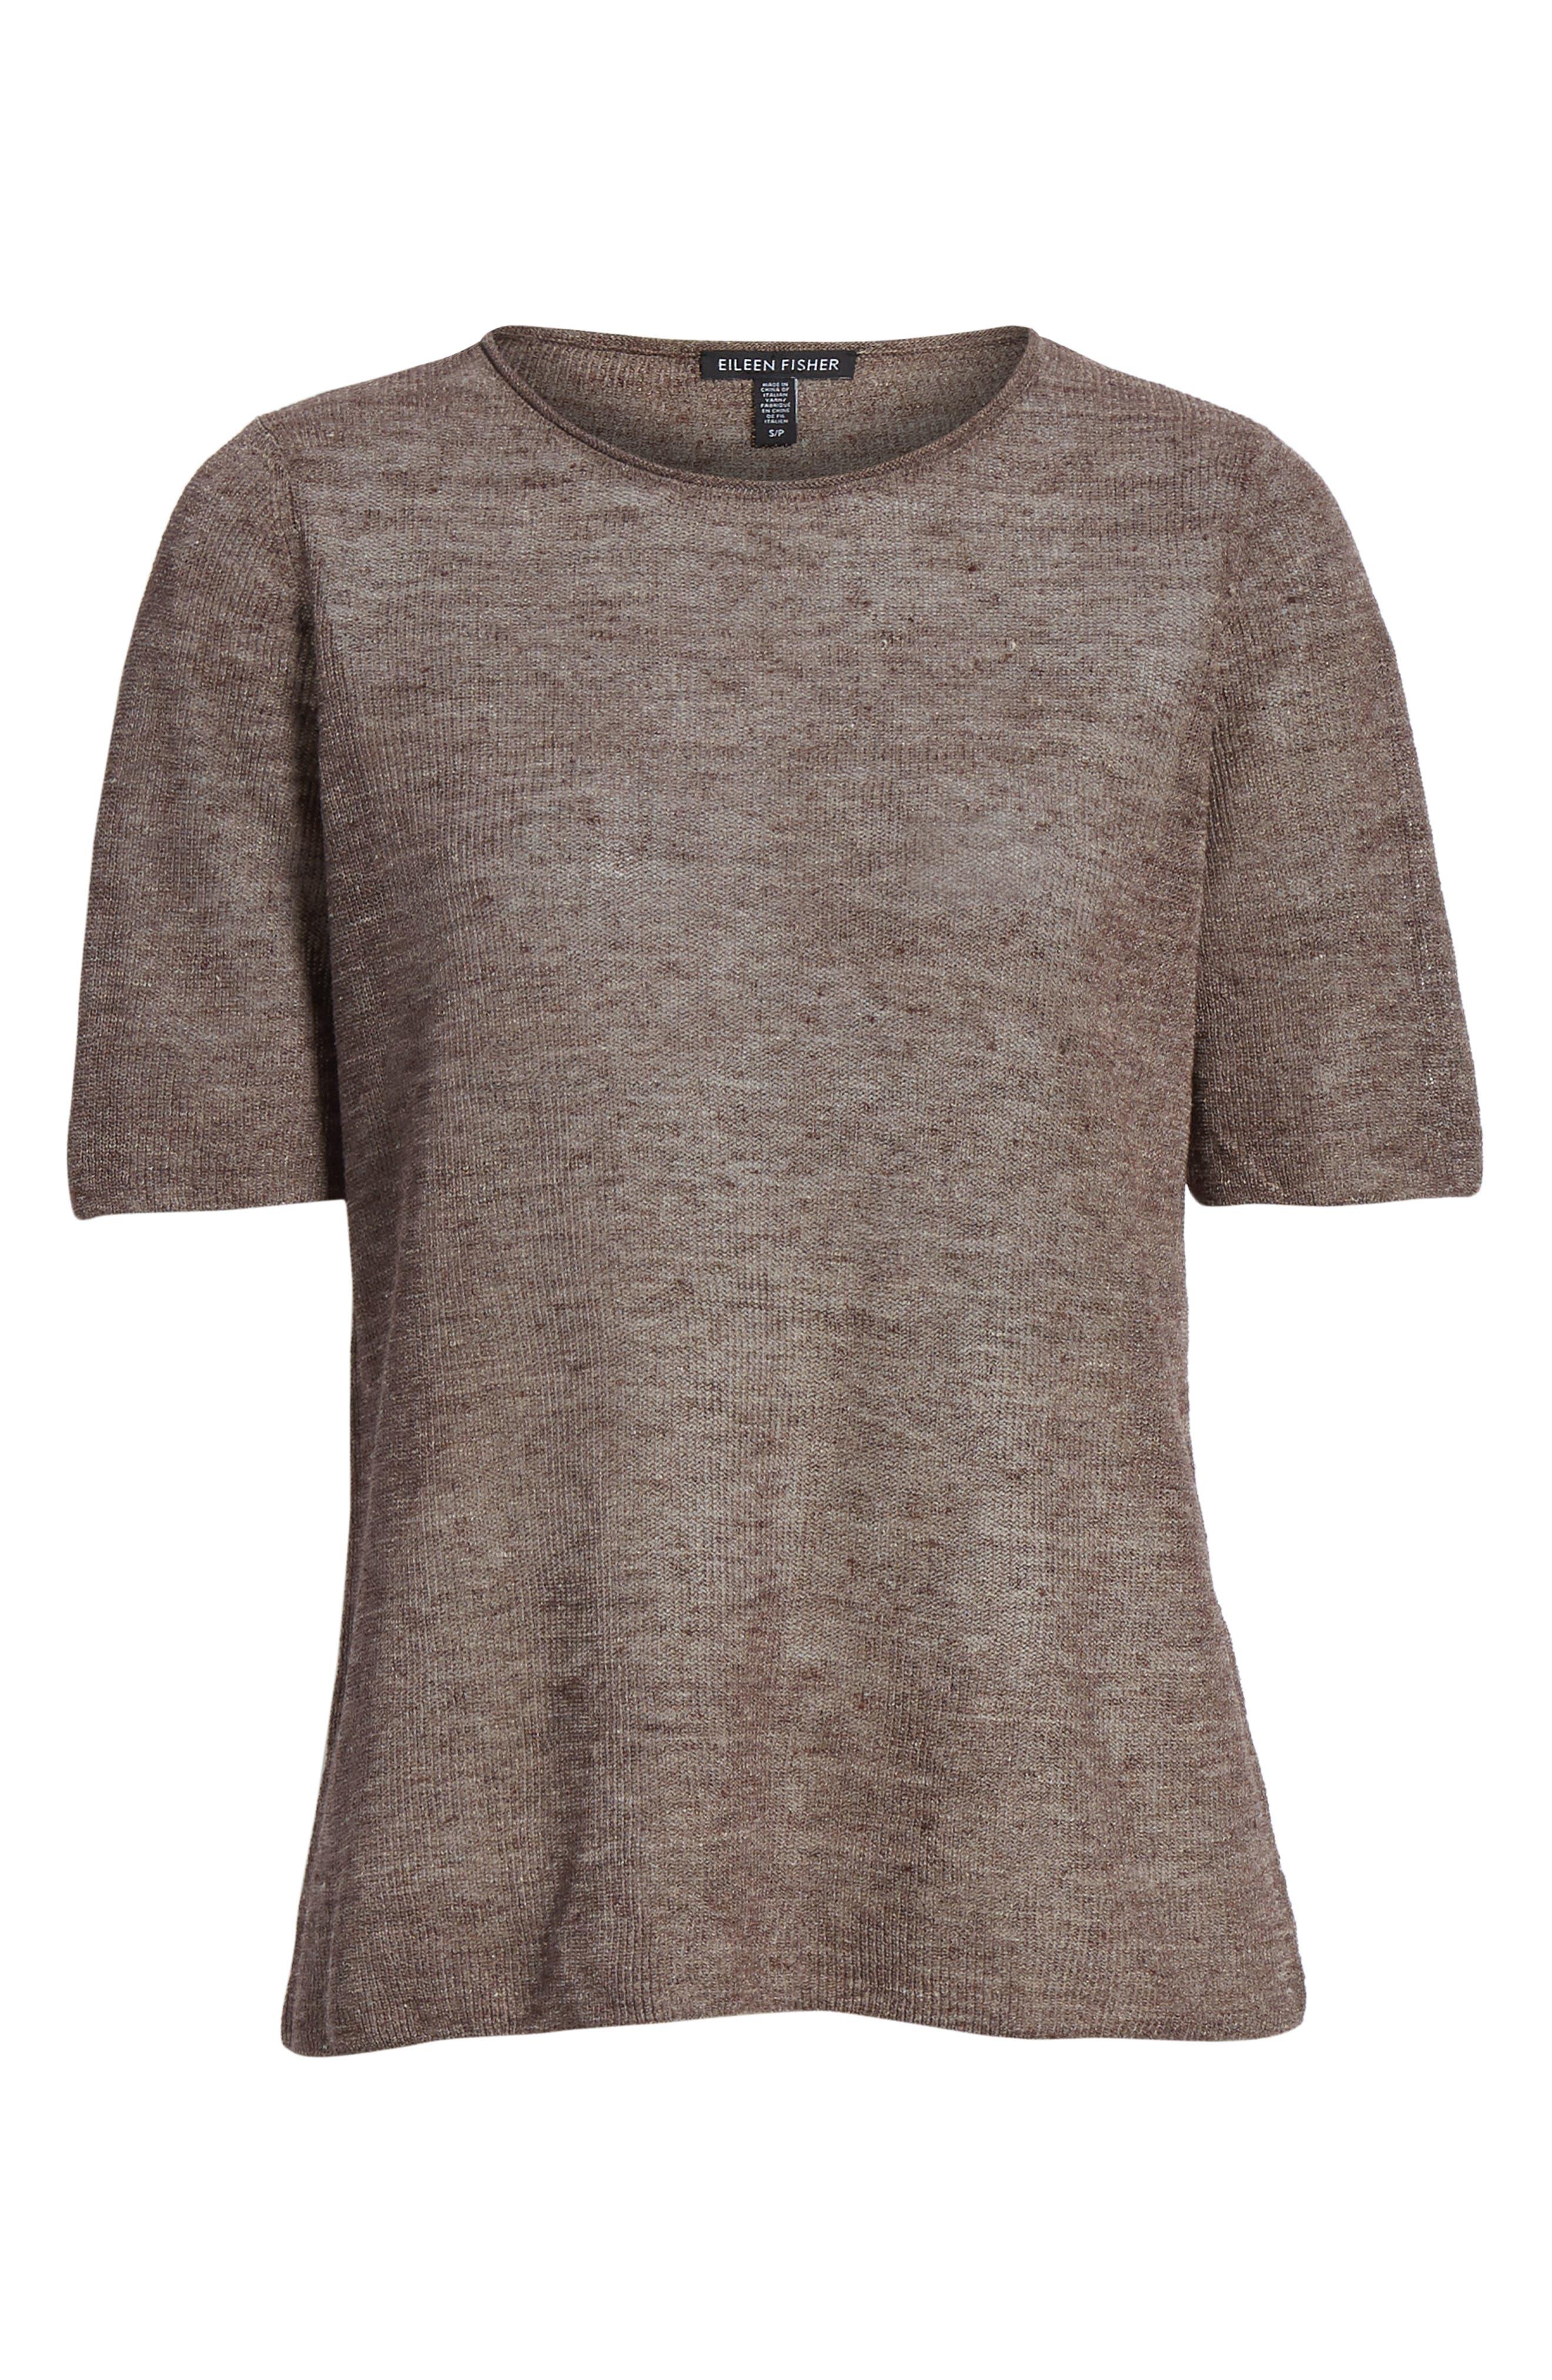 Short Sleeve Linen Blend Sweater,                             Alternate thumbnail 6, color,                             Rye